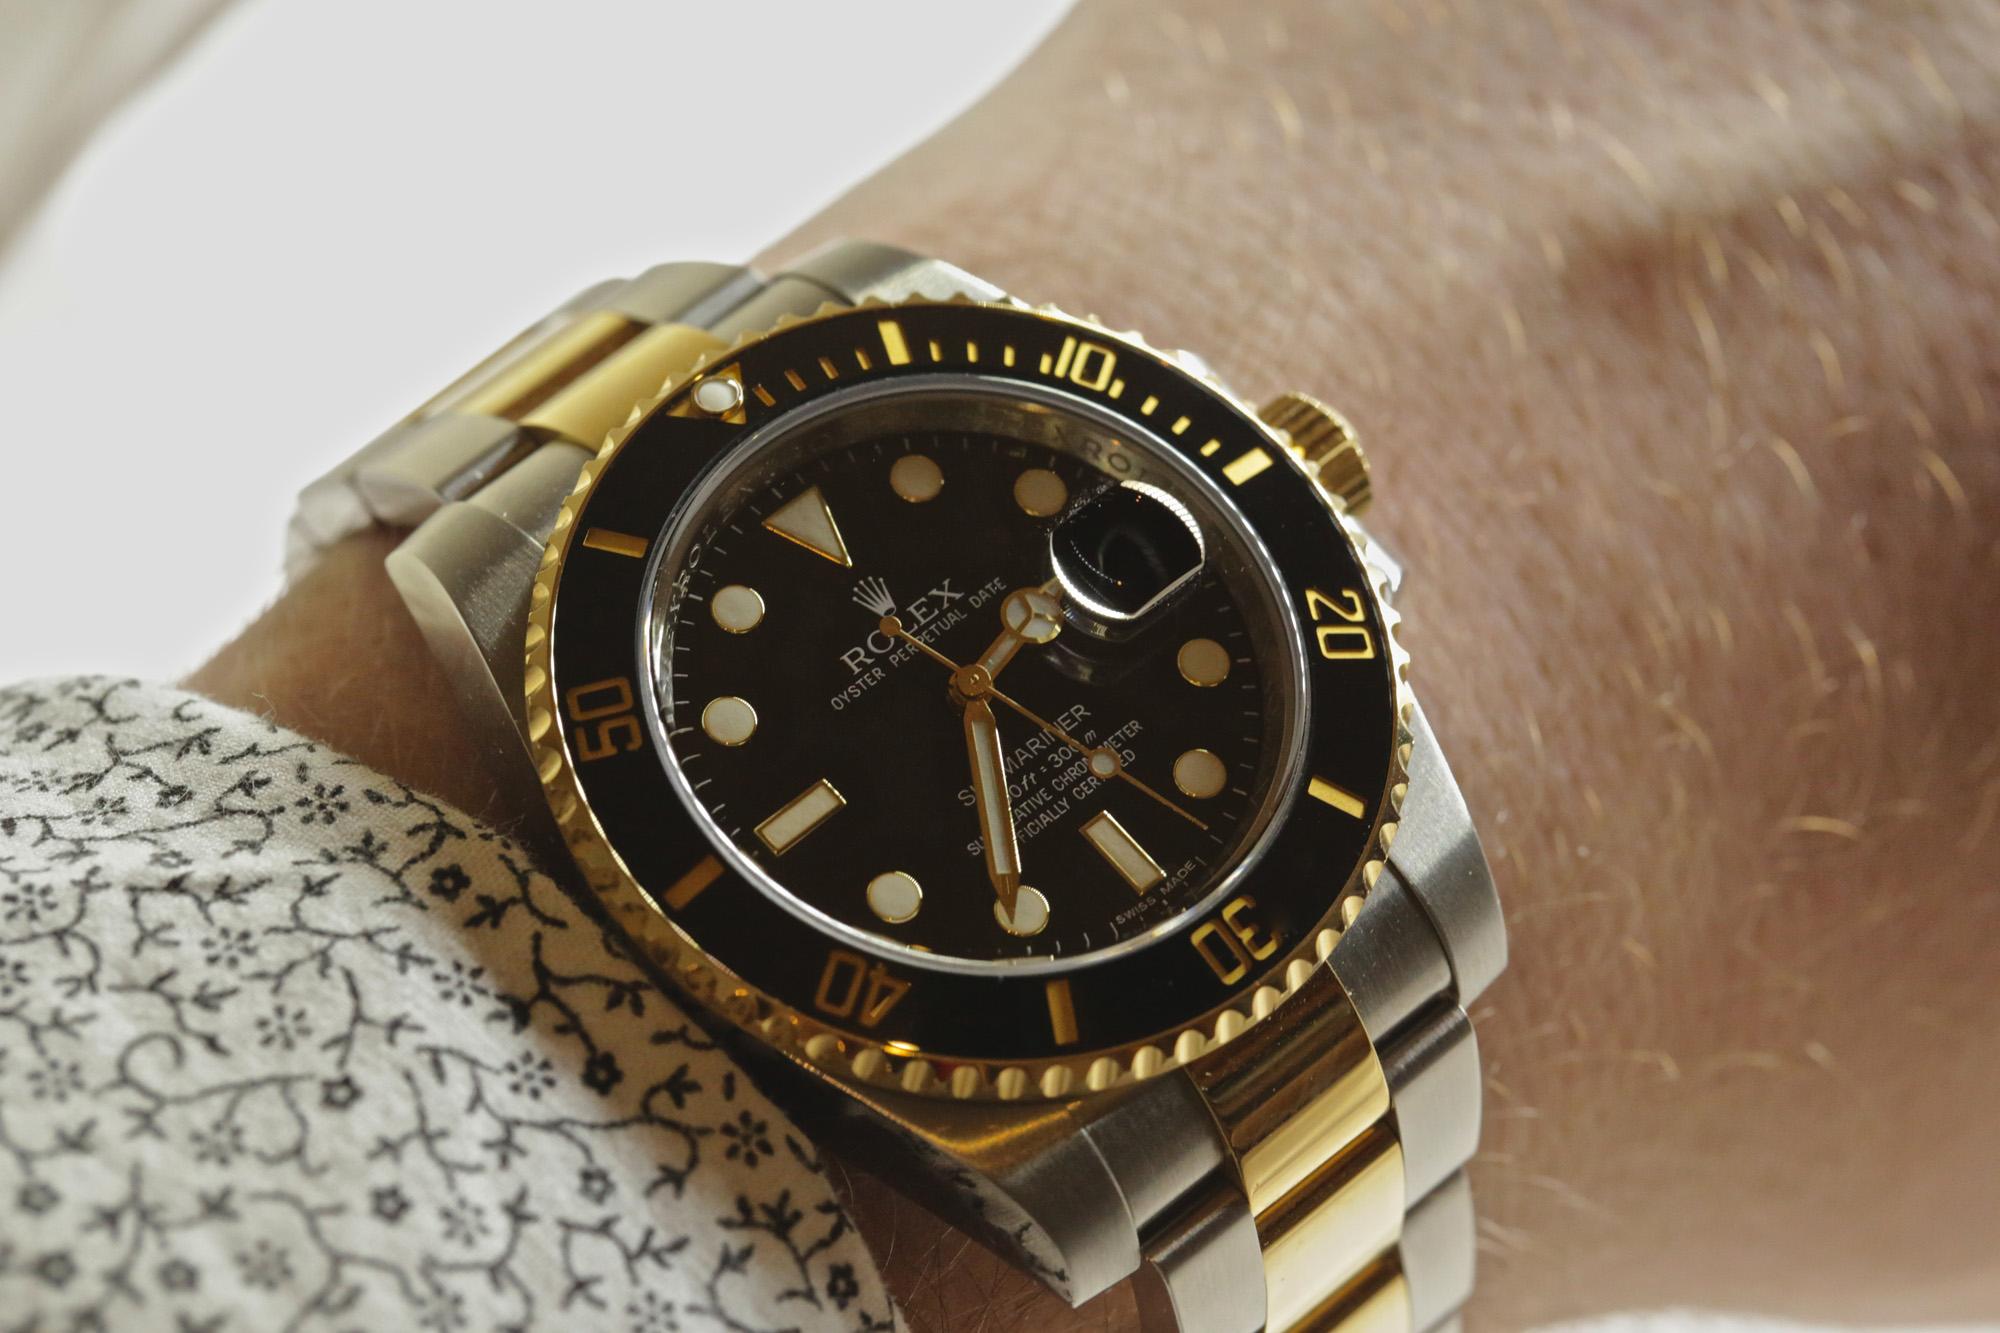 Rolex Submariner Date (Ref. 116613LN) - Wristshot